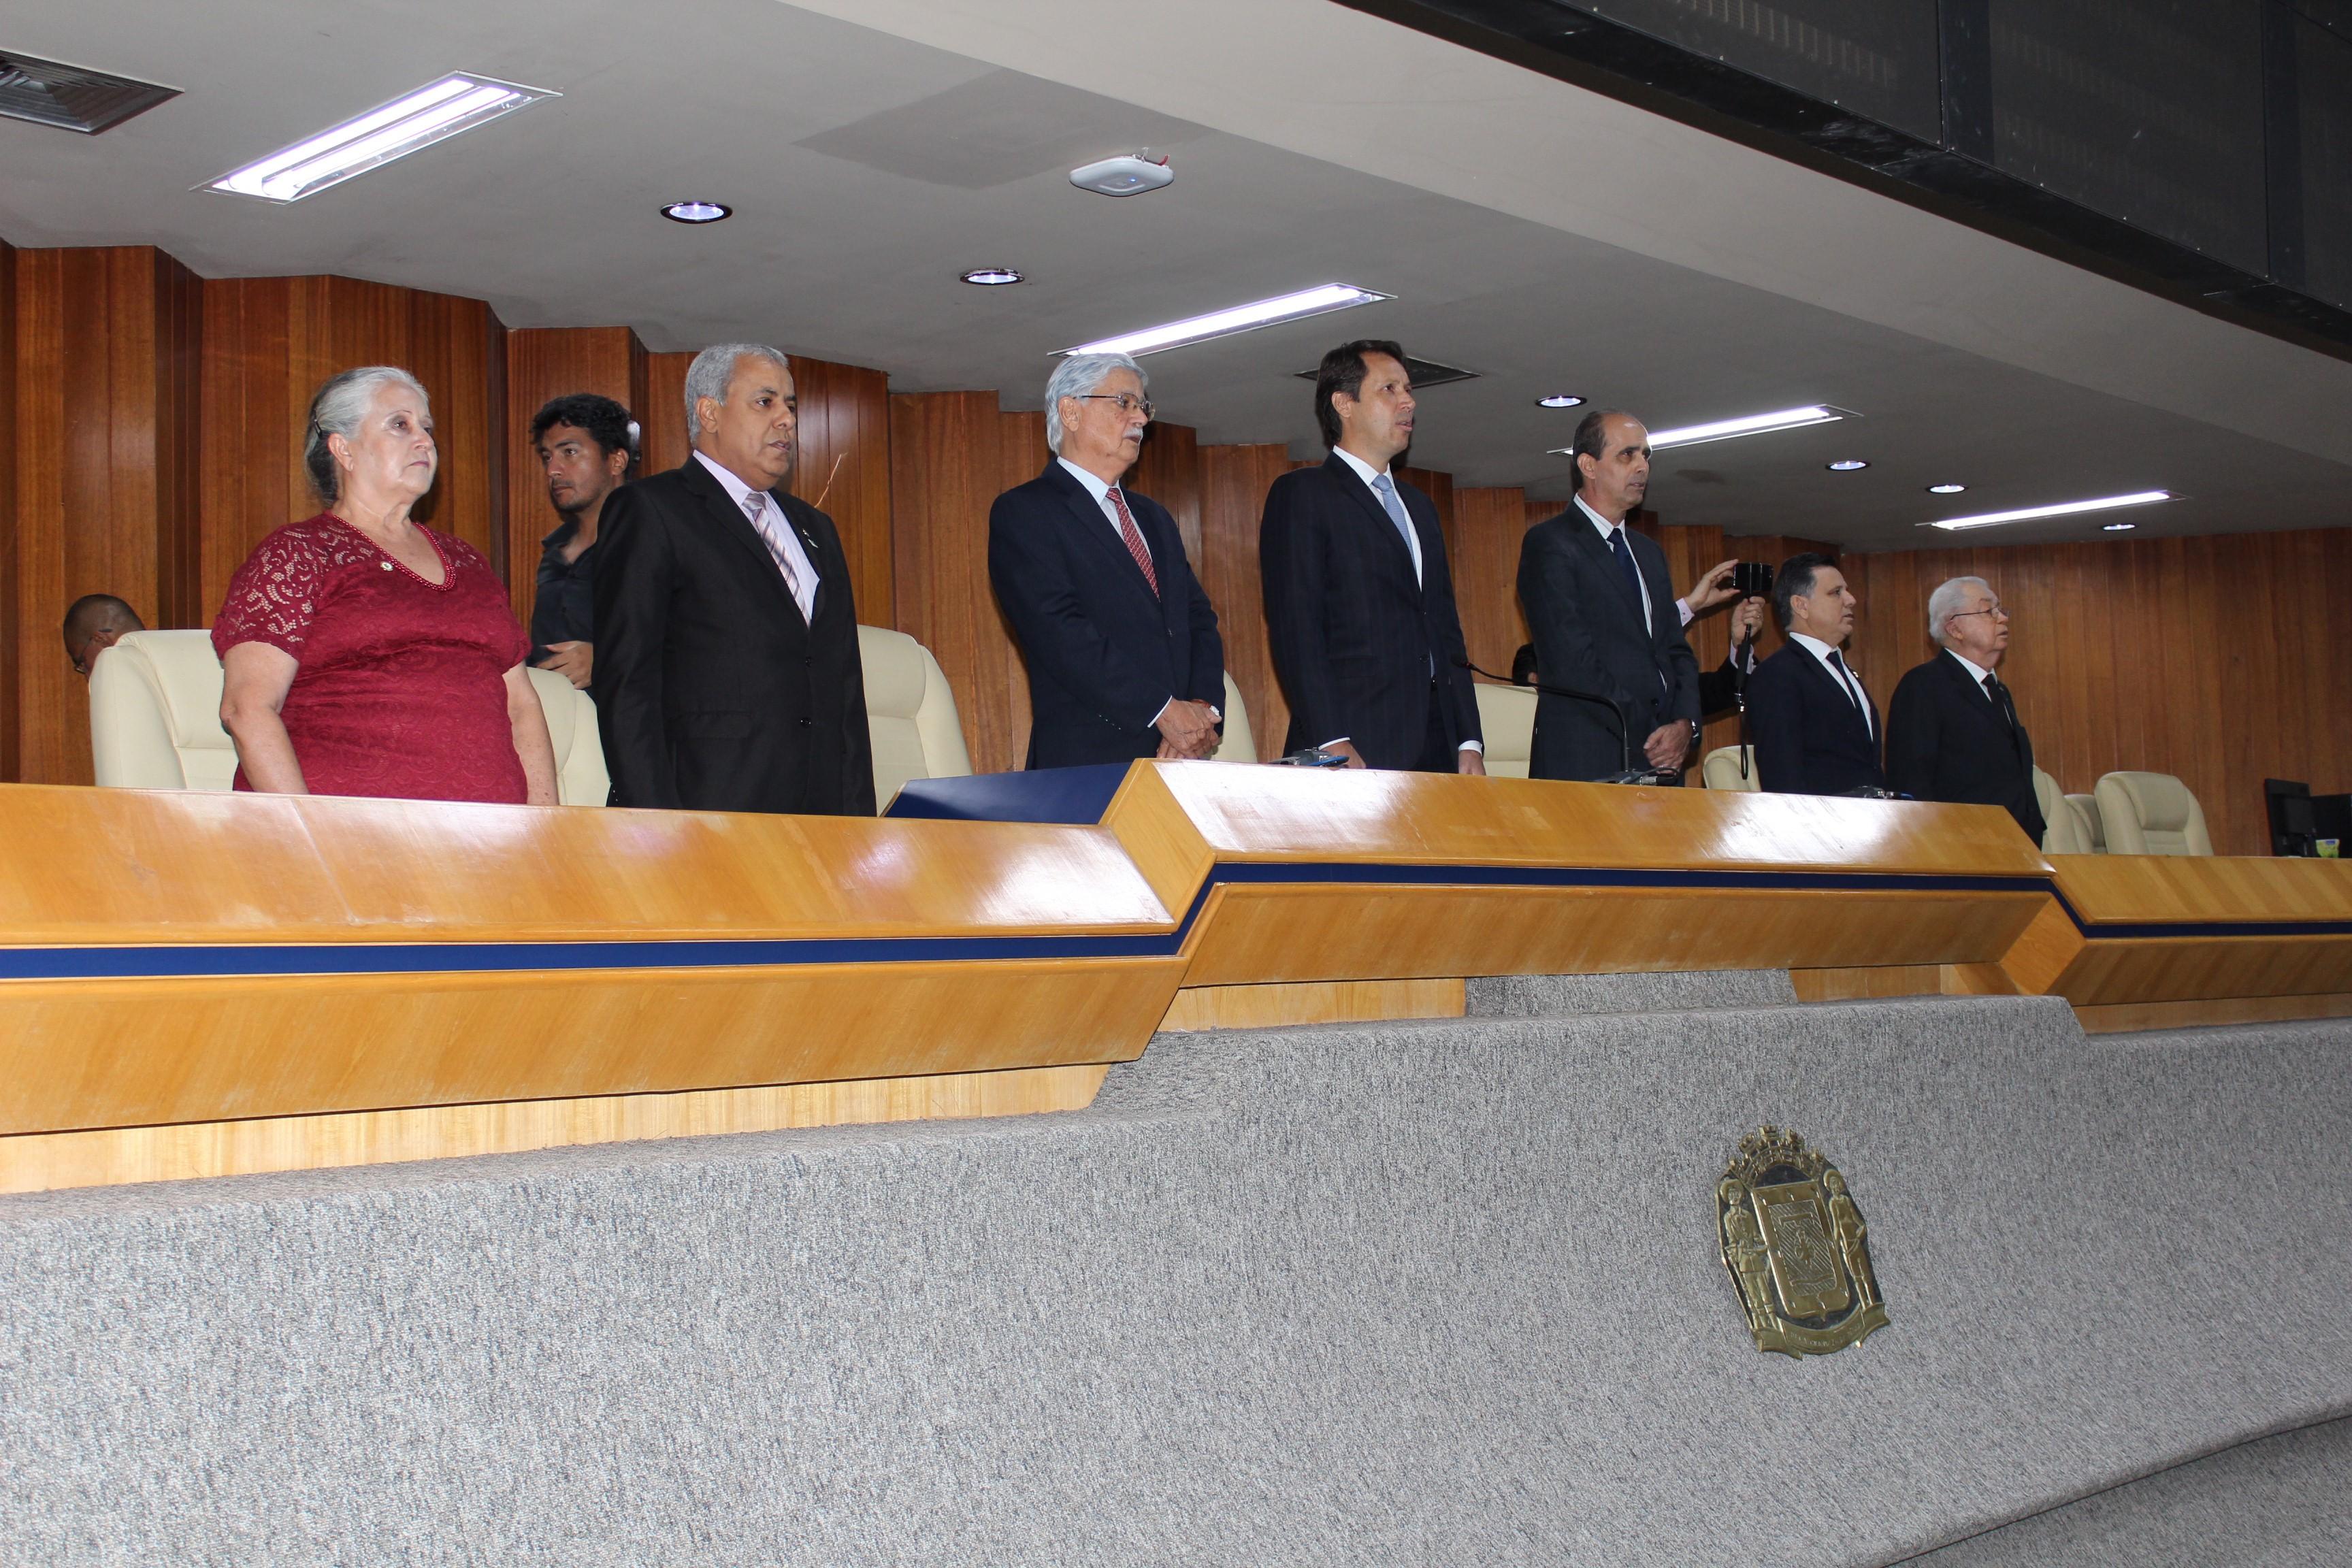 Composição da mesa diretiva na sessão especial